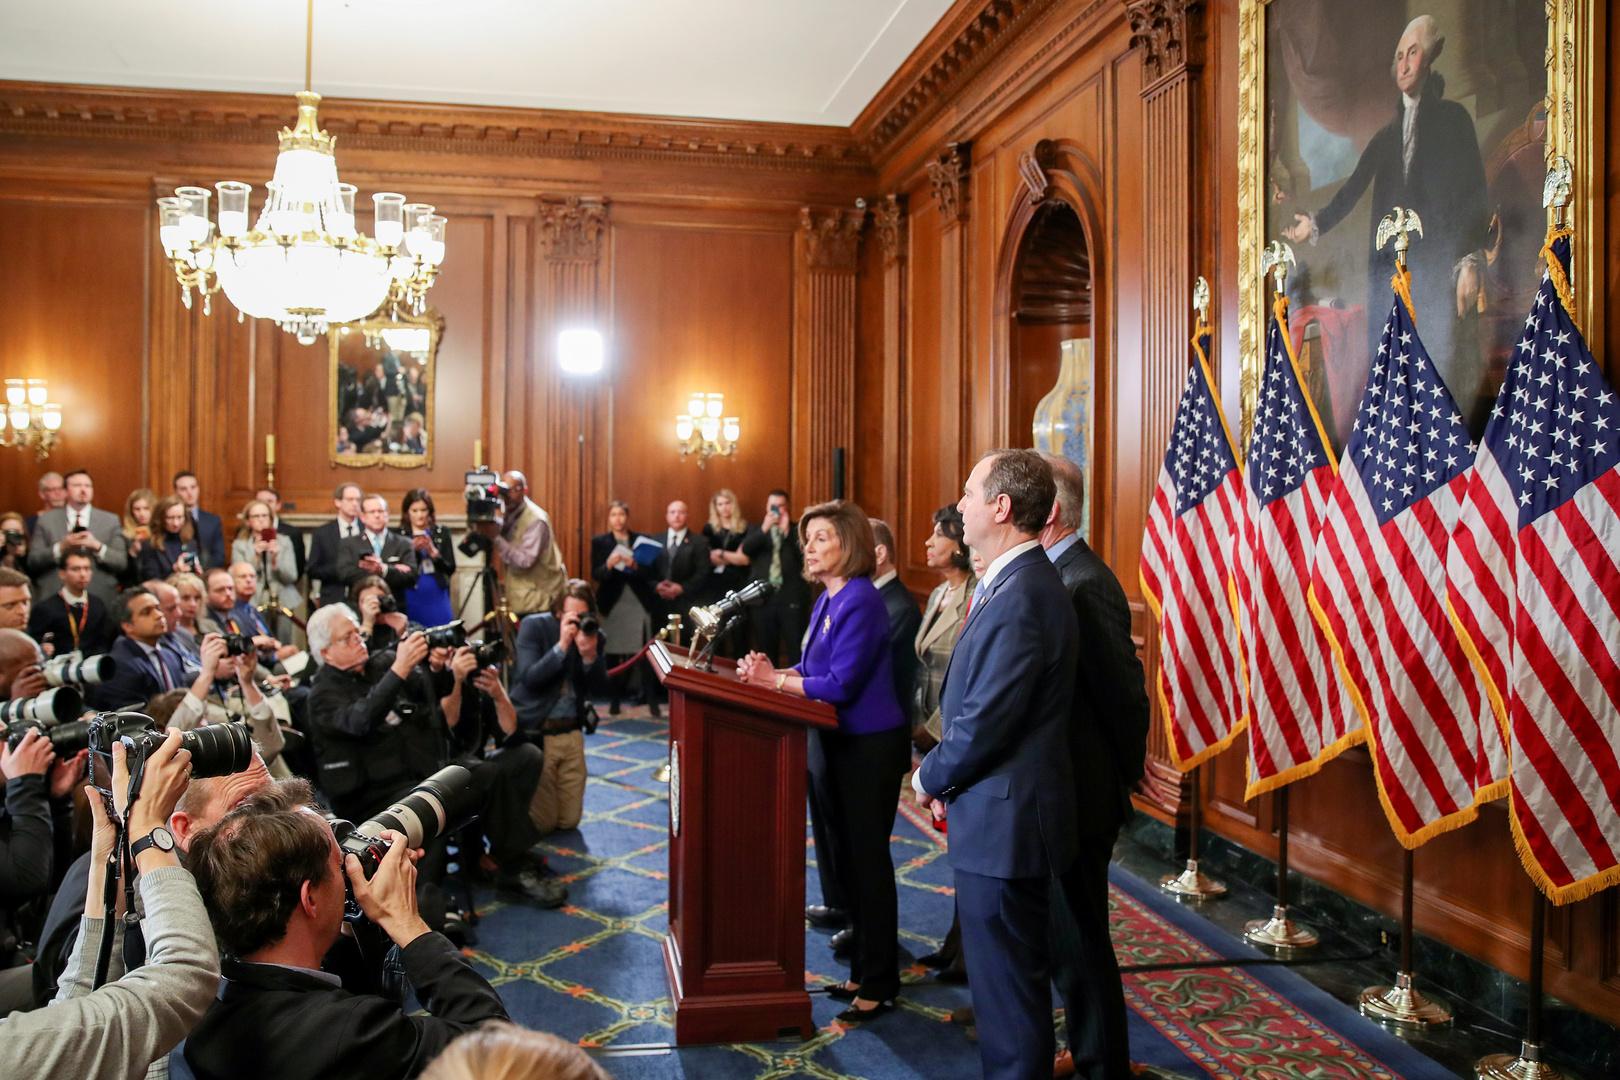 اللجنة القضائية البرلمانية في النواب الأمريكي تتهم ترامب باستغلال السلطة وإعاقة عمل الكونغرس